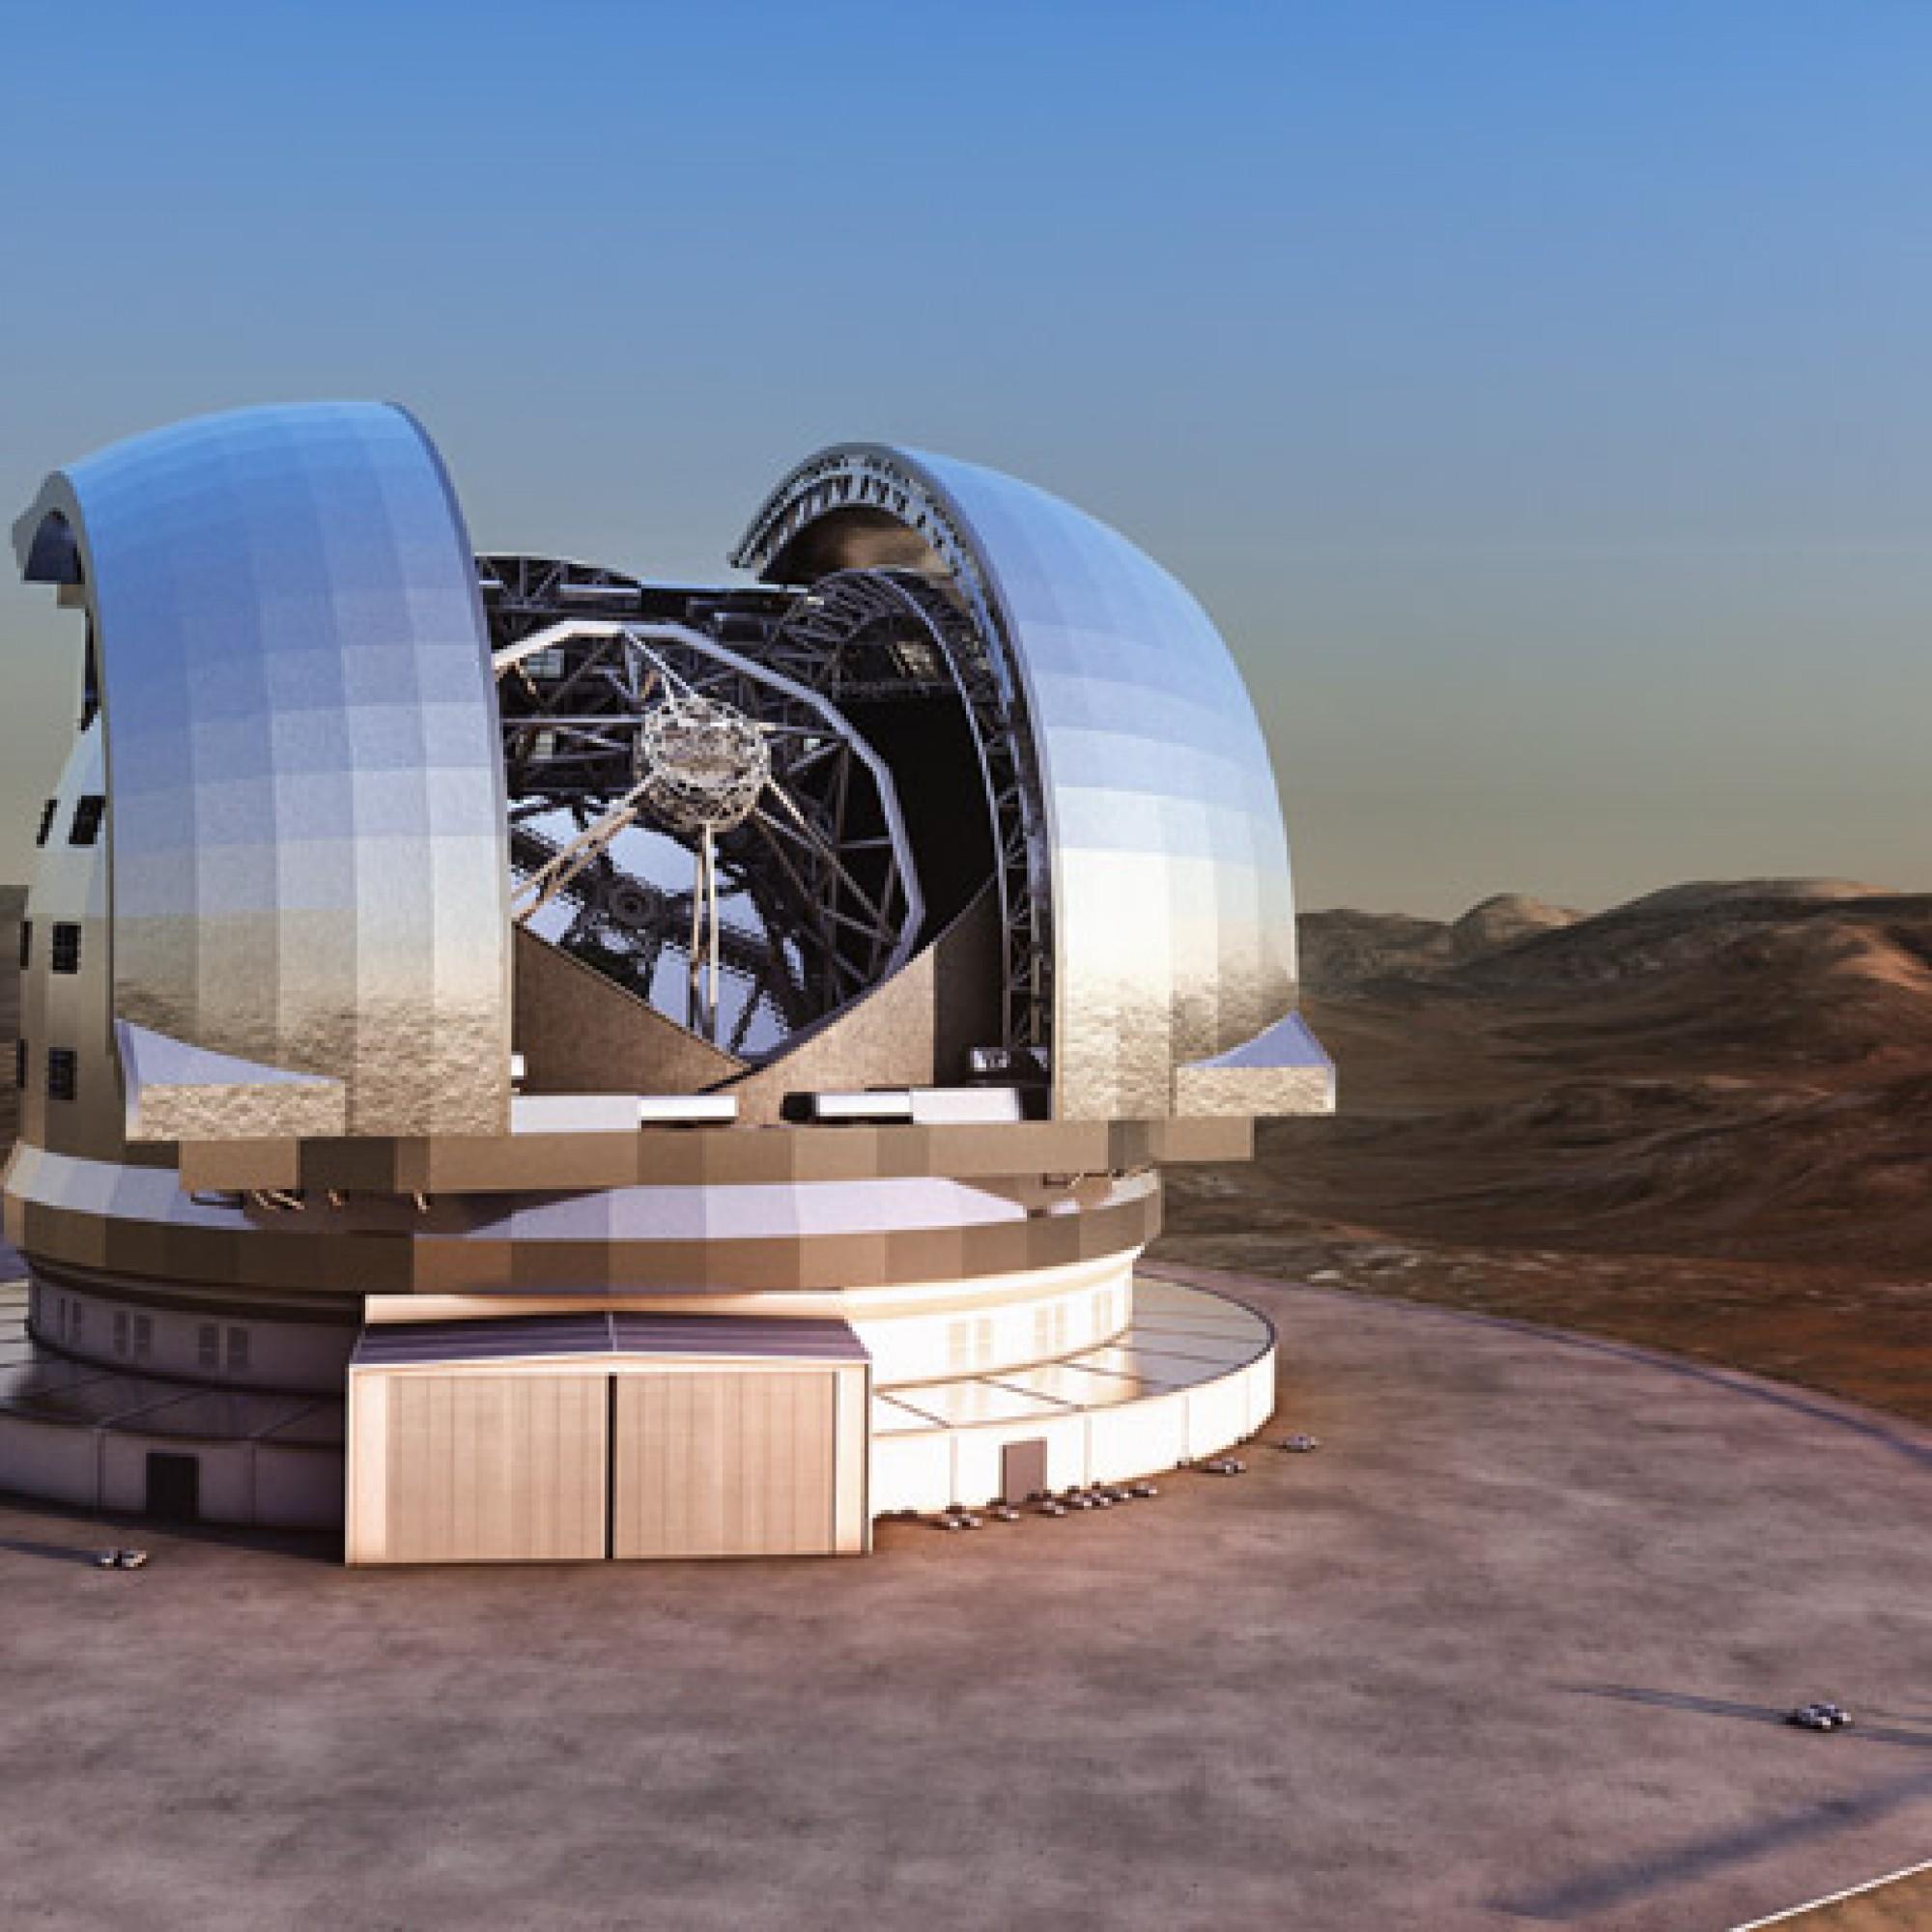 """Ein """"Auge"""" für die Welt: So sieht das European Extremely Large Telescope aus. (PD)"""